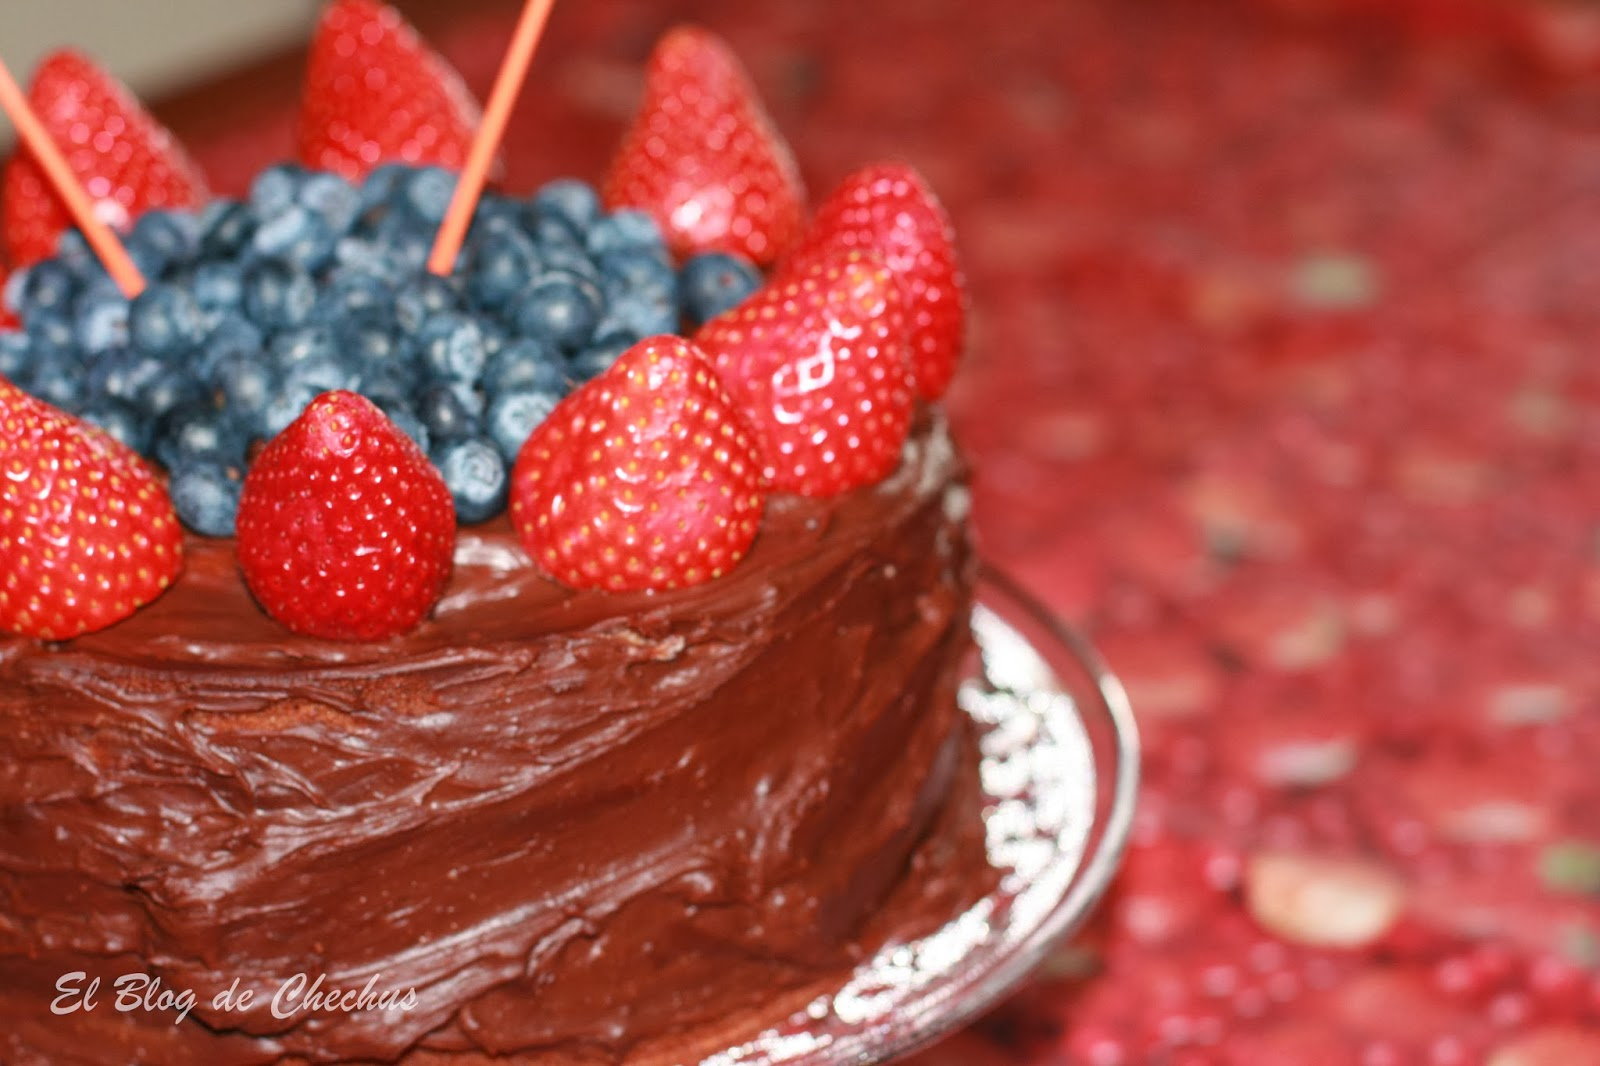 tartas, Tarta de bizcocho de yogurt, el blog de chechus, Chechus Cupcakes